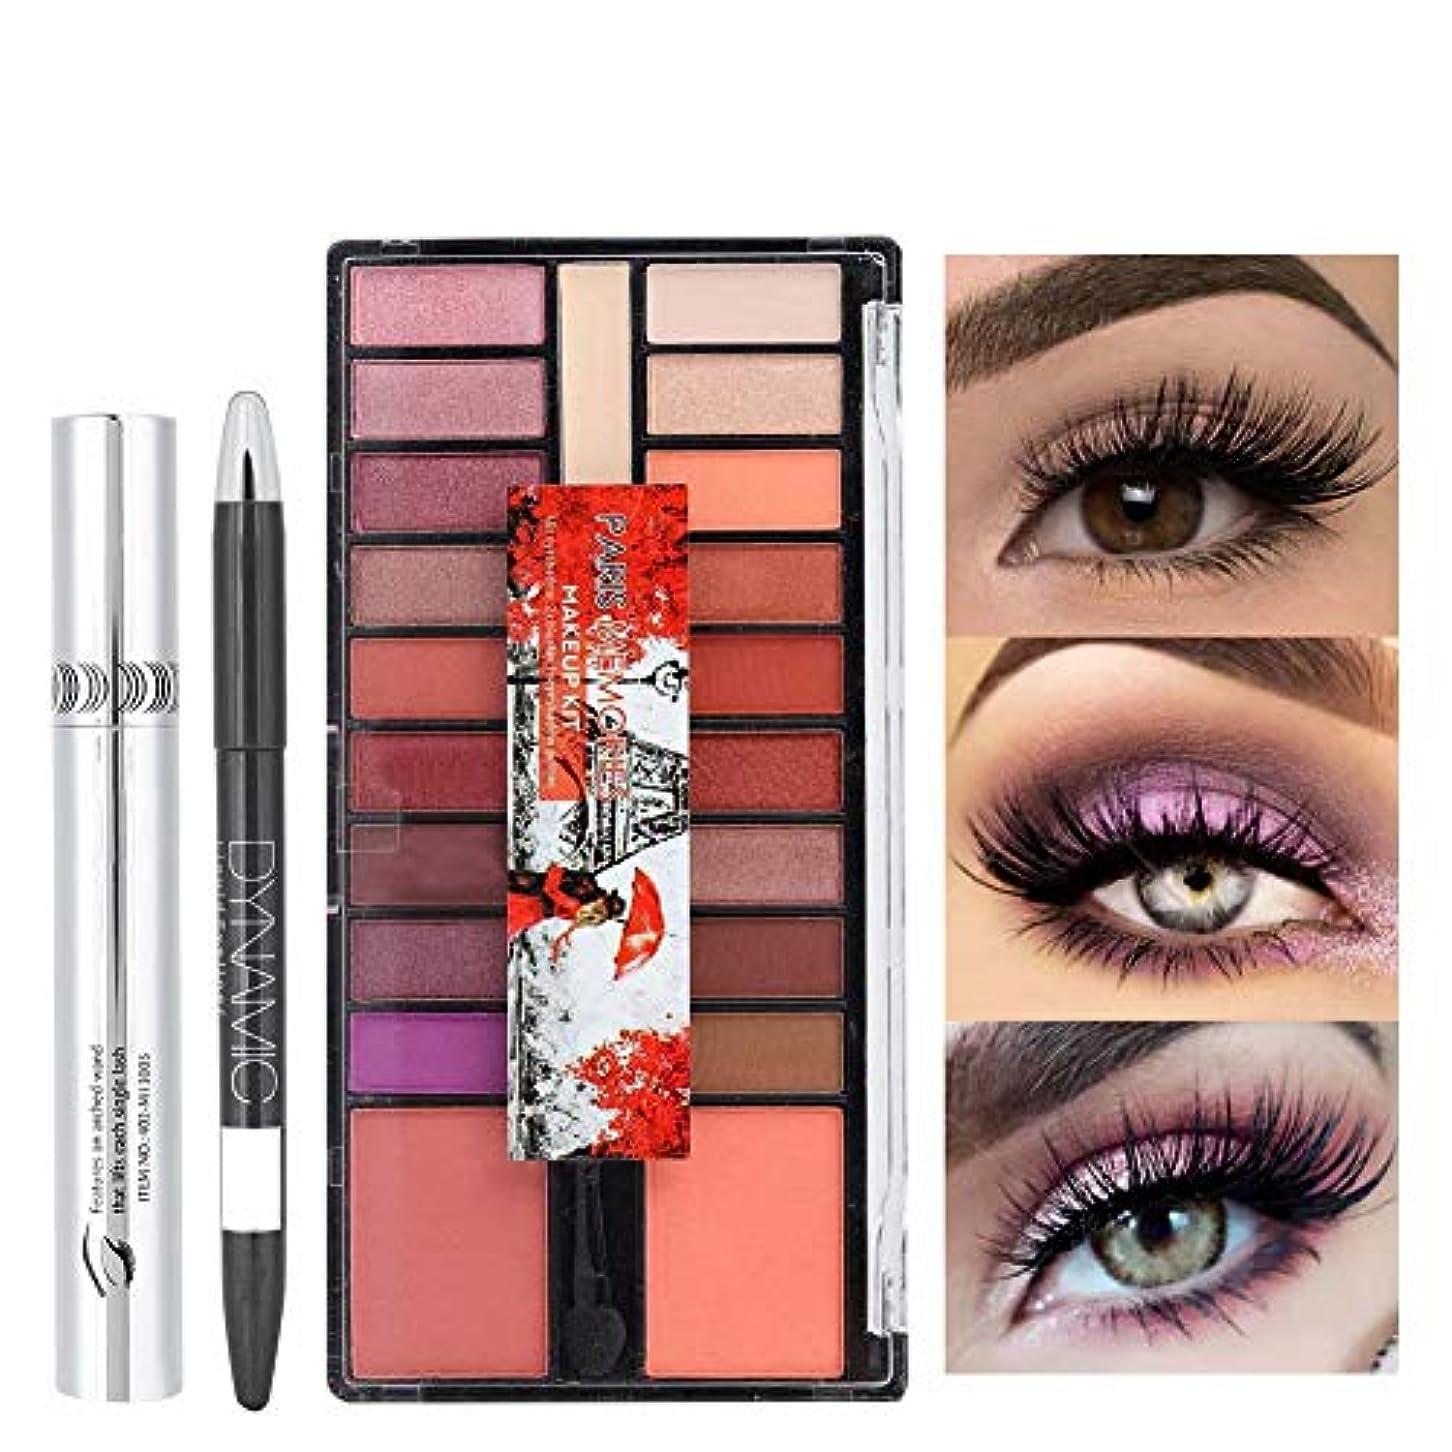 16色 アイシャドウパレット アイシャドウパレット 化粧マット グロス アイシャドウパウダー 化粧品ツール